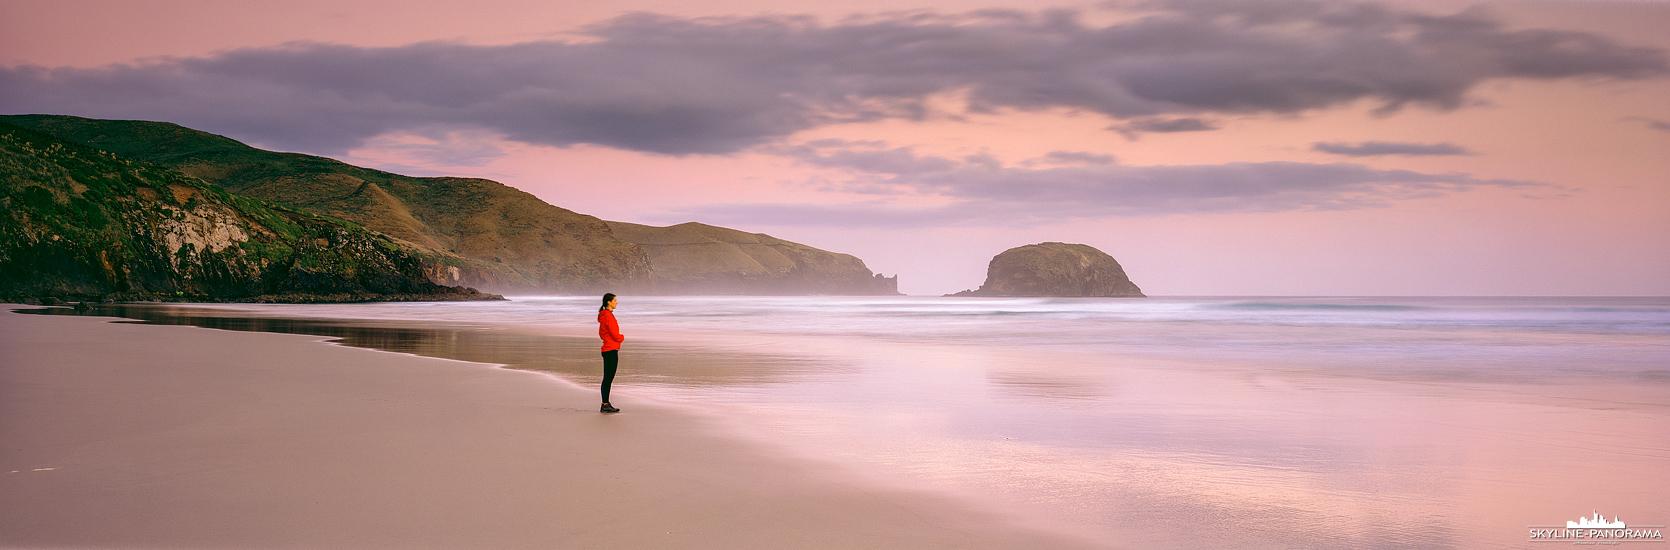 6x17 Panorama Neuseeland - Zum Sonnenuntergang am Allans Beach auf der Otago Halbinsel. Hierbei handelt es sich um ein schön gelegenen weißen Sandstrand, der von einigen Seelöwen bewohnt ist (hier nicht auf dem Panorama zu sehen) und an der Pazifikküste der Südinsel von Neuseeland liegt.